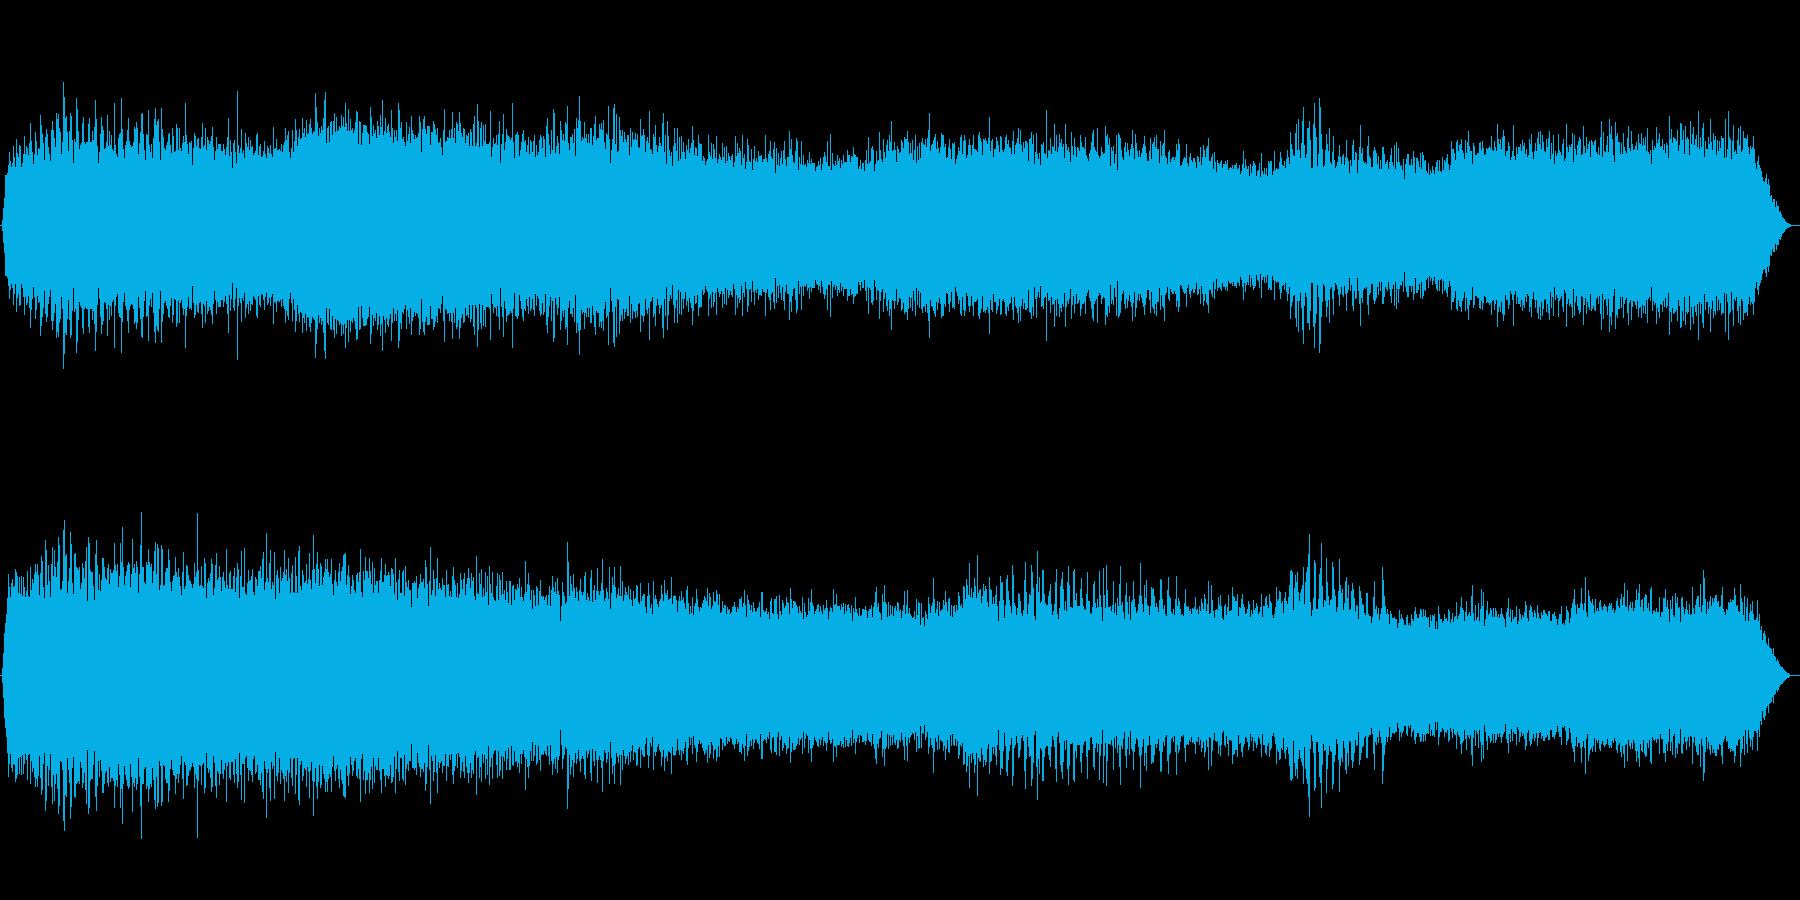 ヒグラシとアブラゼミの鳴き声(セミ、夏)の再生済みの波形